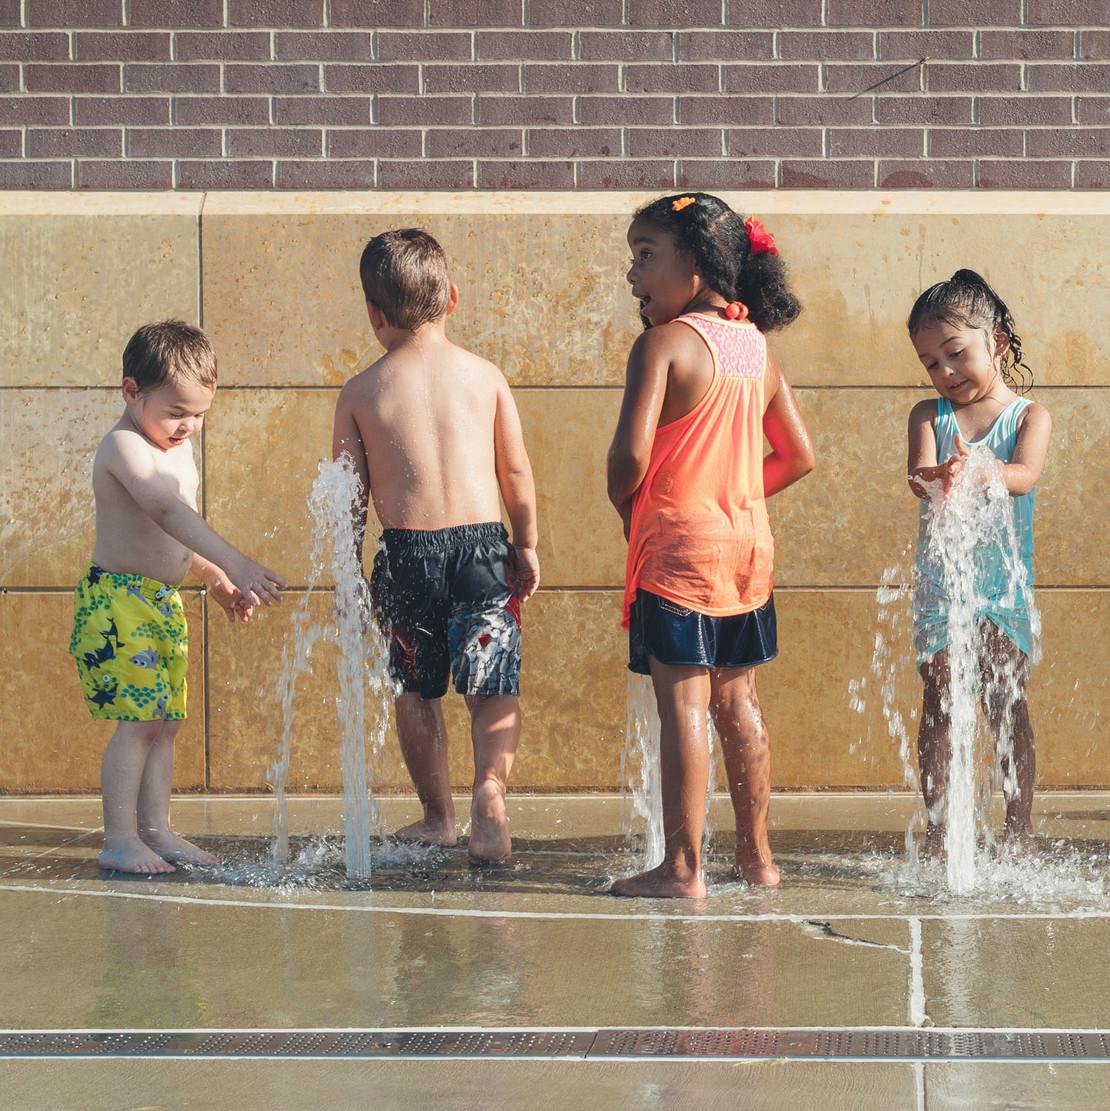 Ein Gruppe von Kindern spielt an einem Springbrunnen.